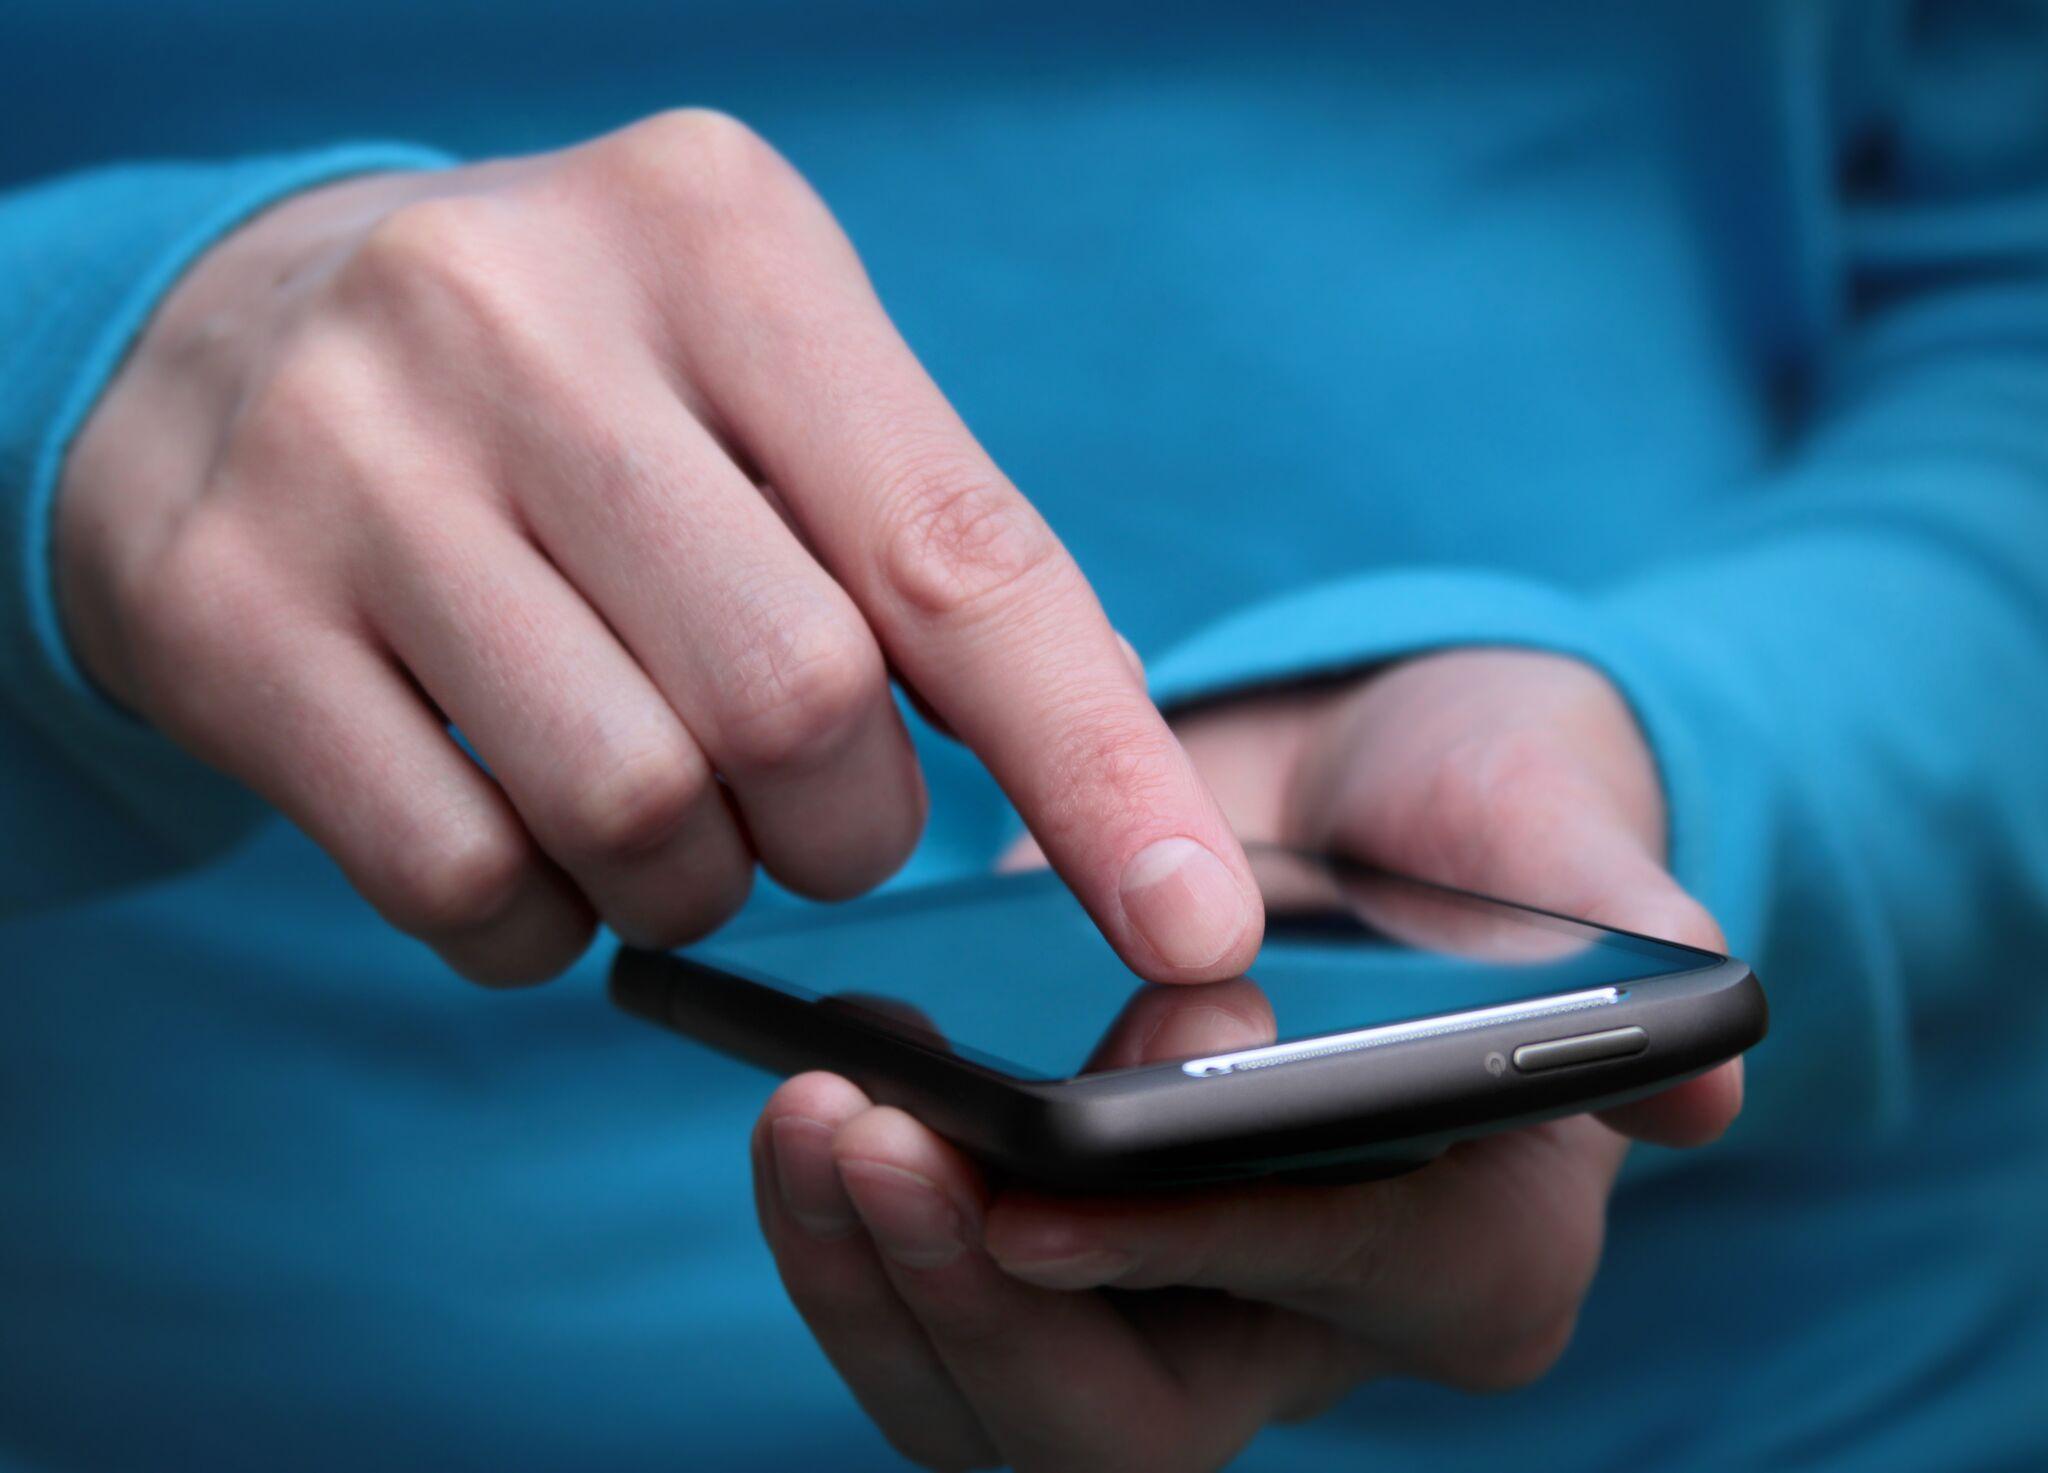 Минфин хочет разрешить использовать смартфоны и ноутбуки для регистрации кассовых расчетов